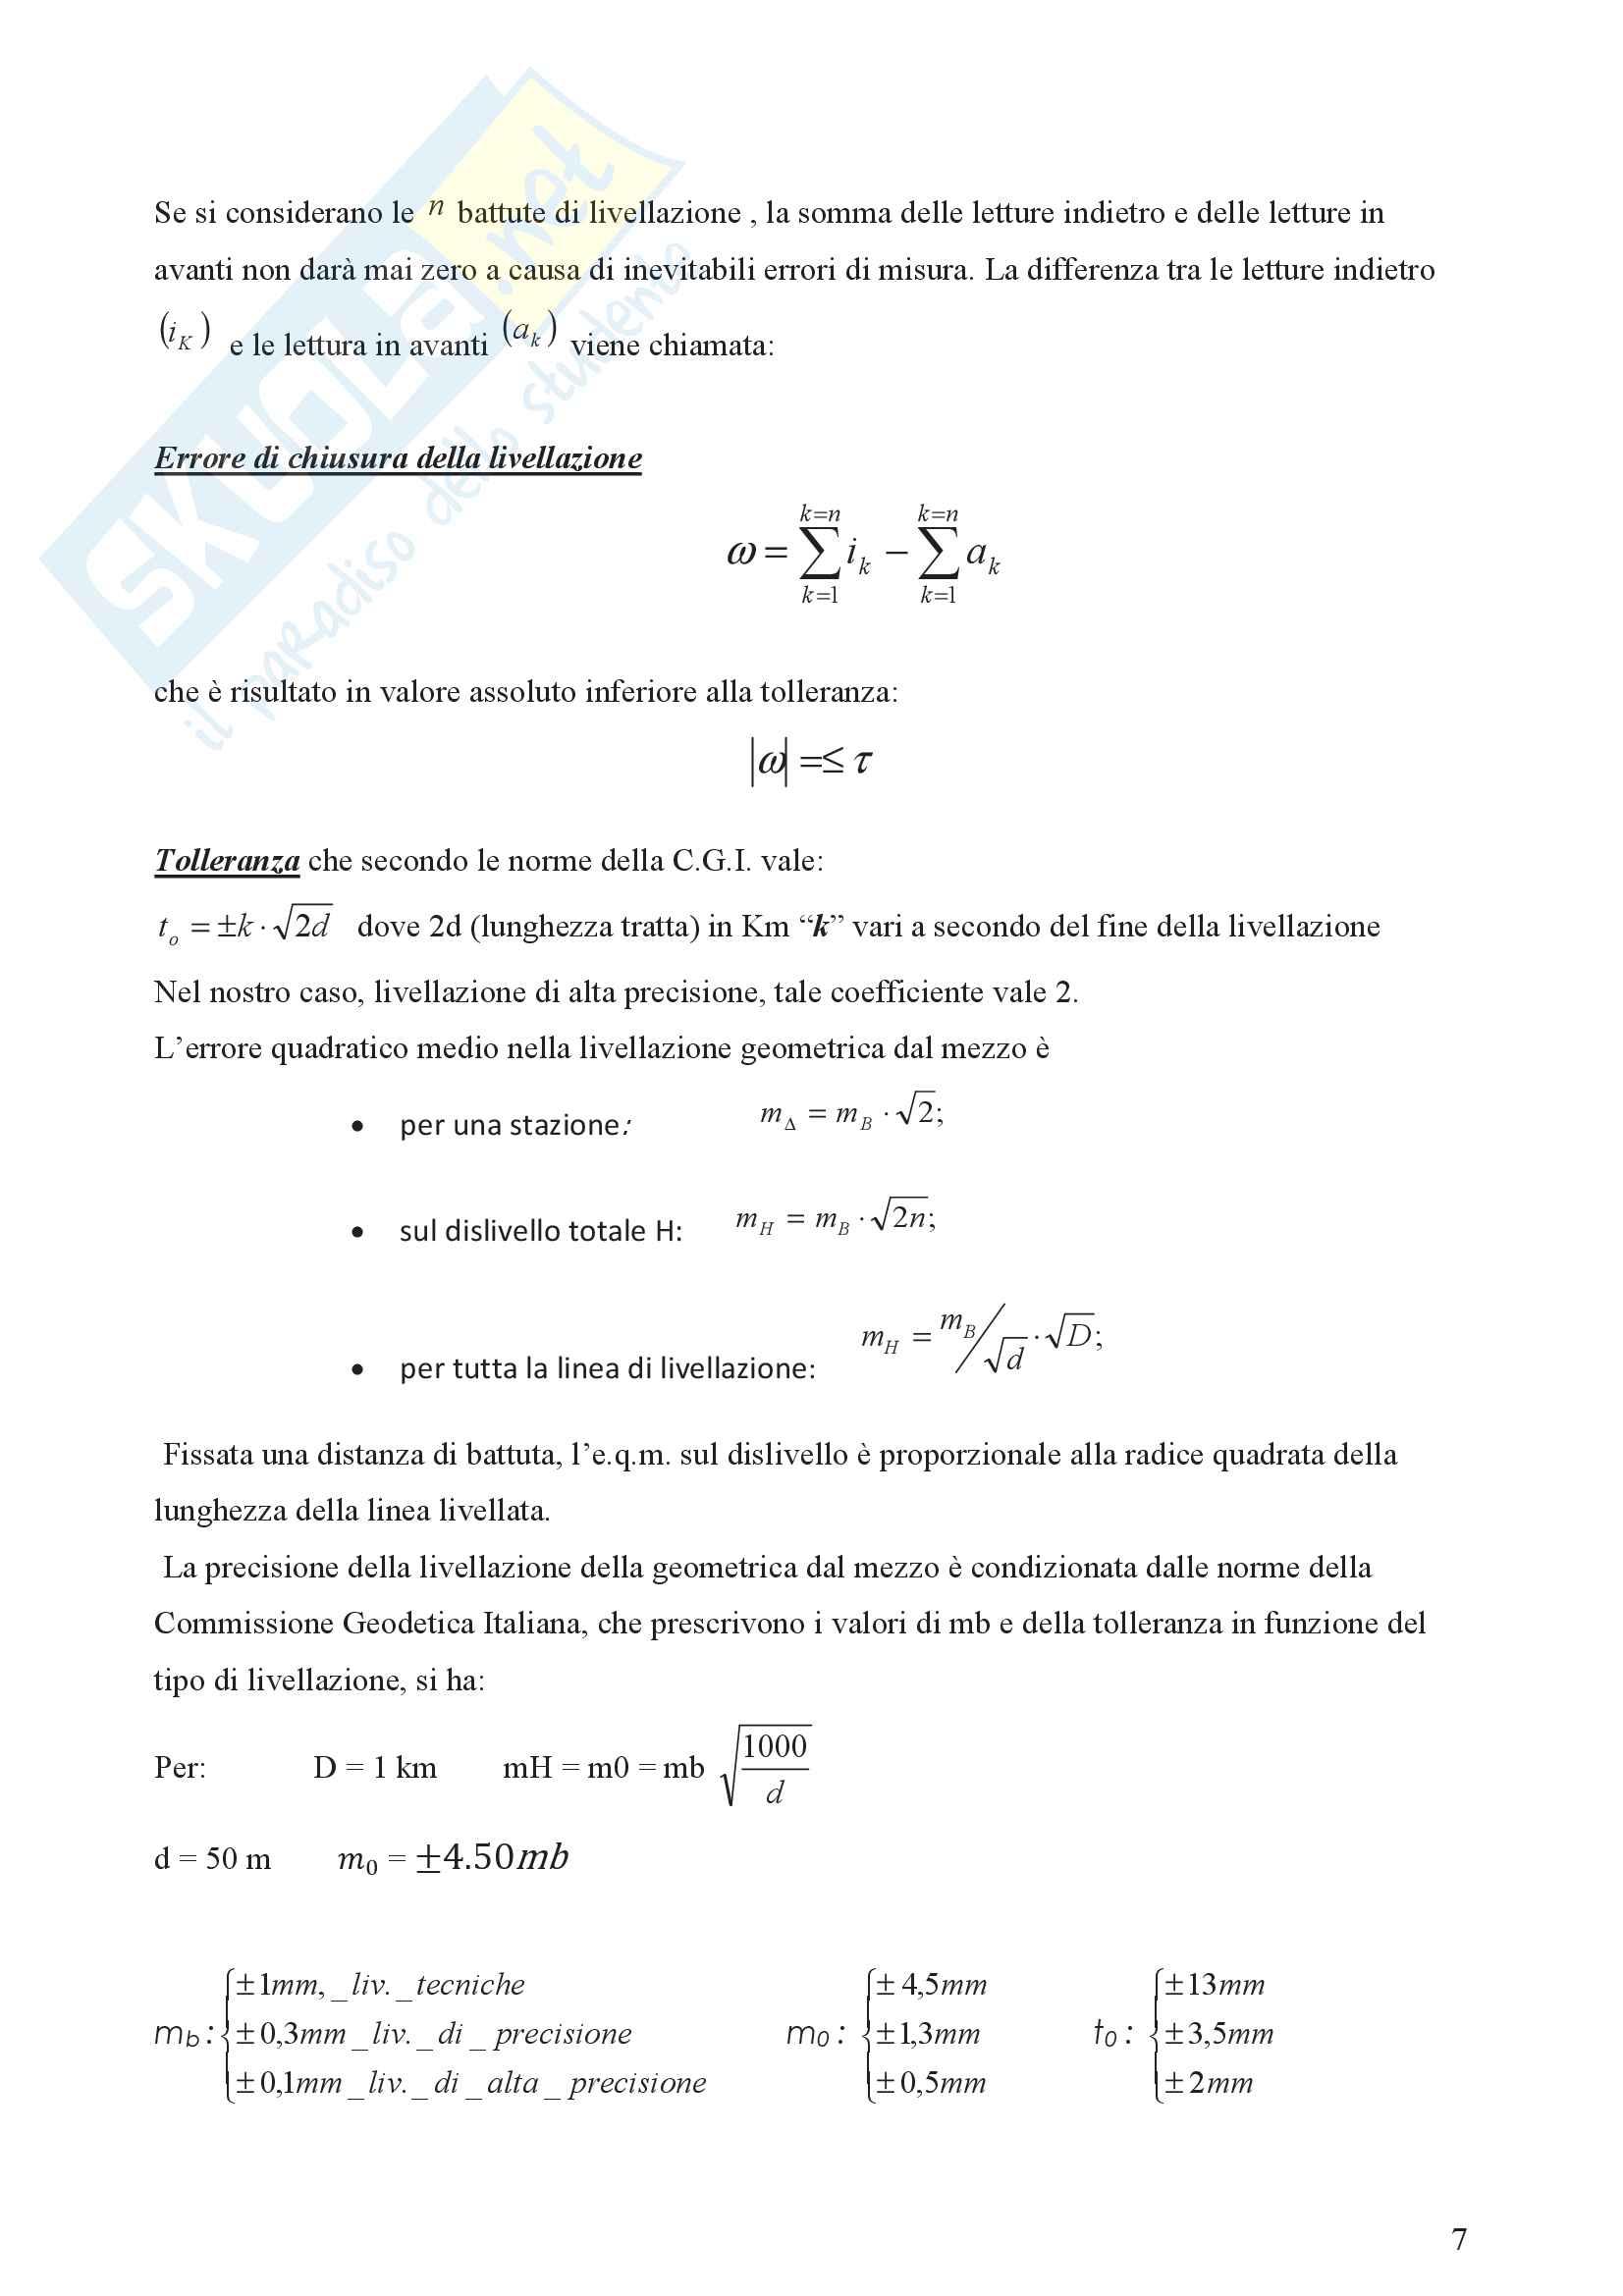 Livellazione geometrica composta dal mezzo Pag. 6